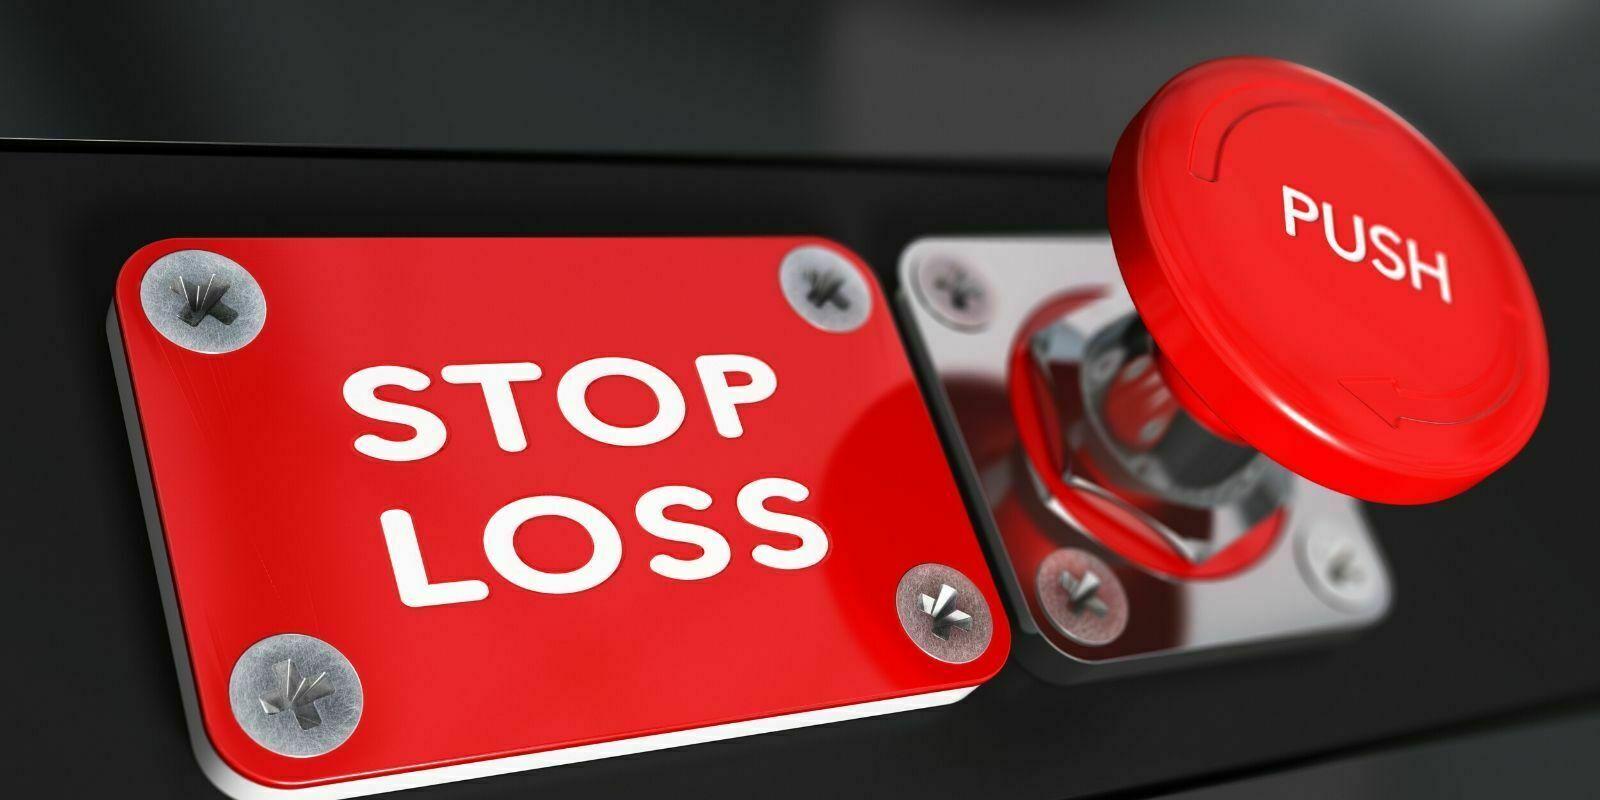 Qu'est-ce qu'un Stop Loss et comment le mettre en place ?